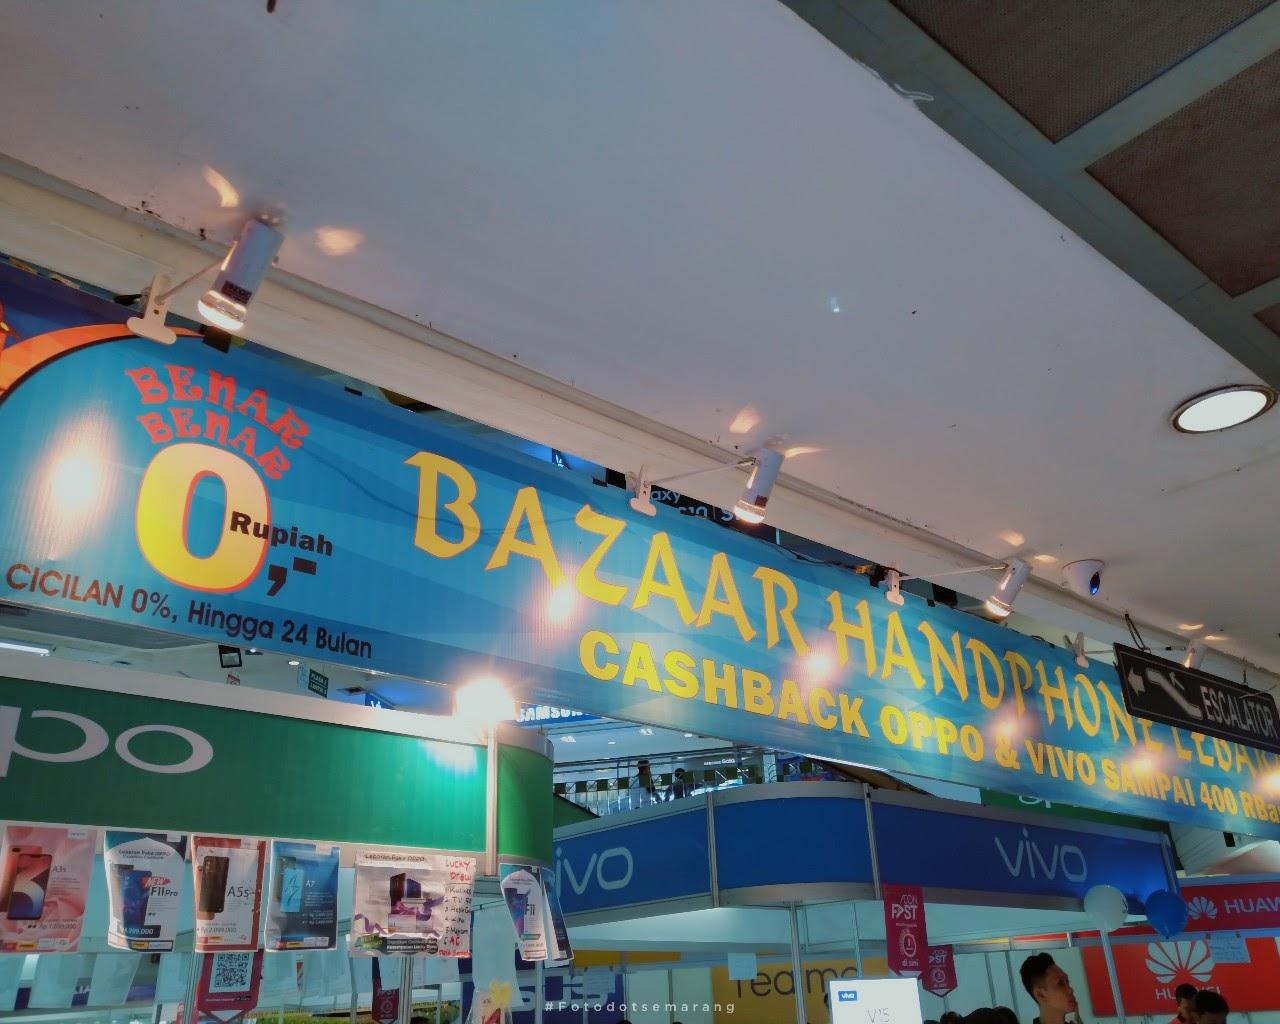 [Photoblog] Bazaar Handphone Lebaran 2019